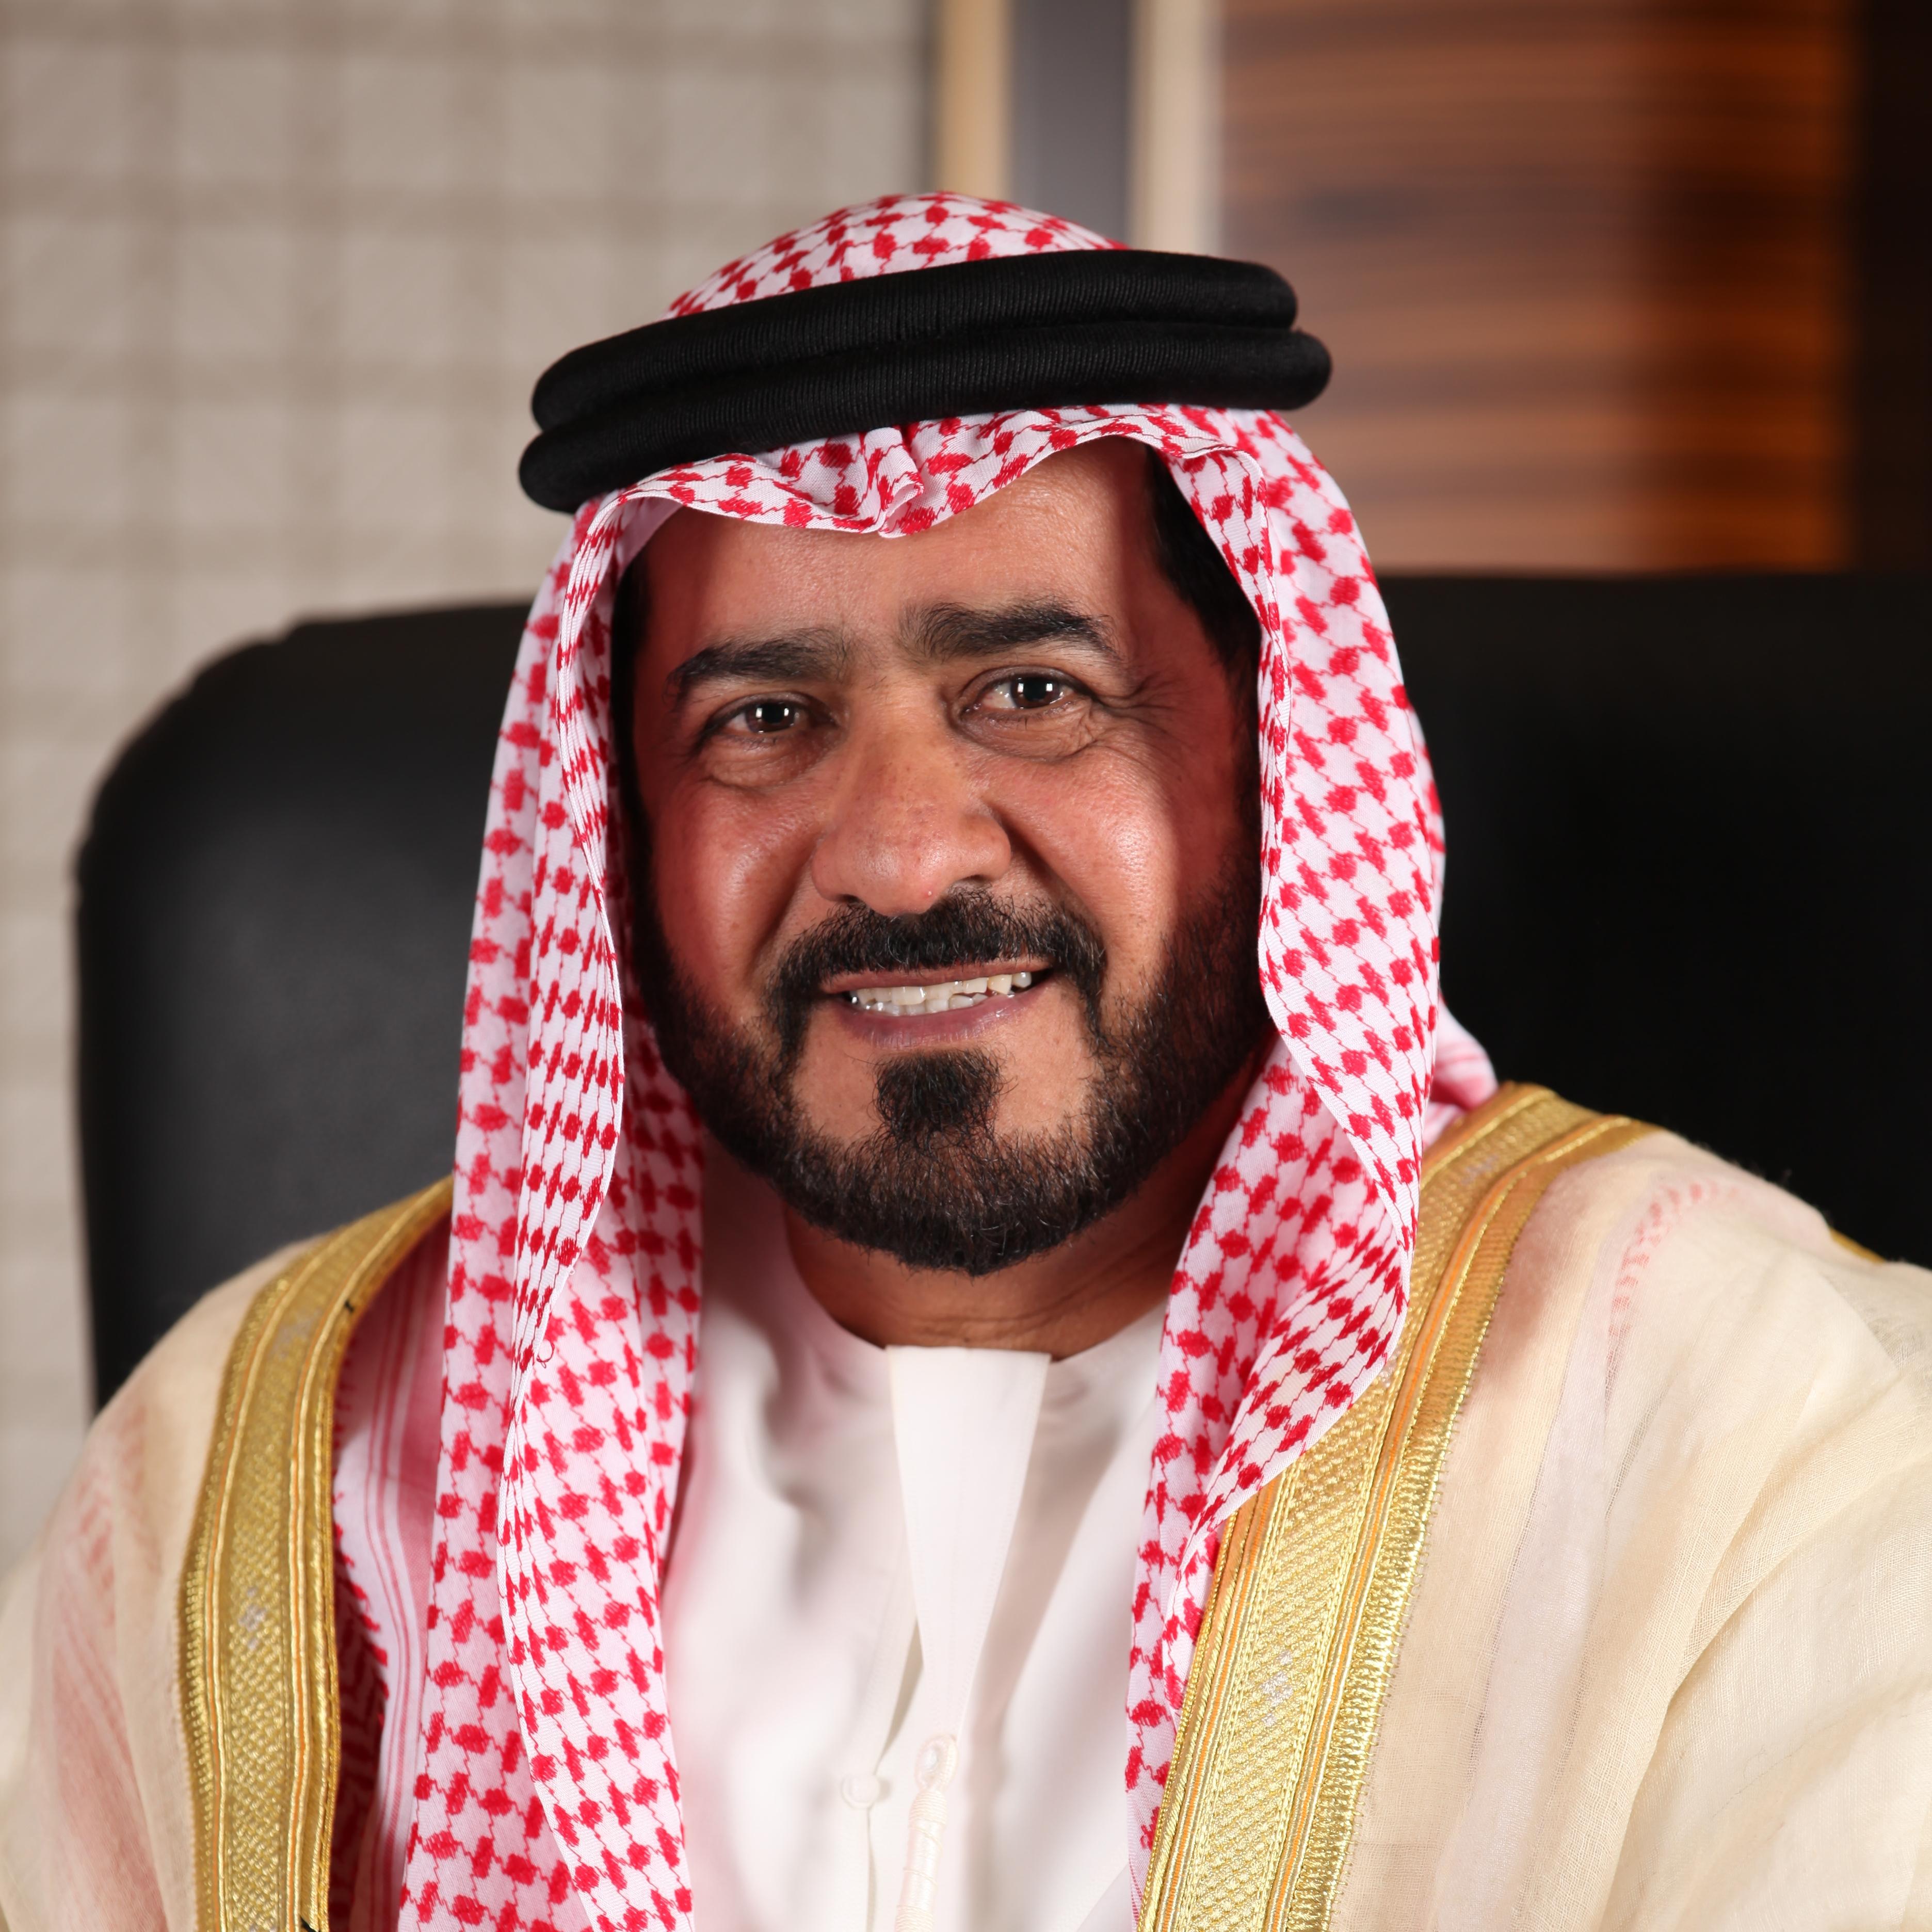 علي بن سالم الكعبي